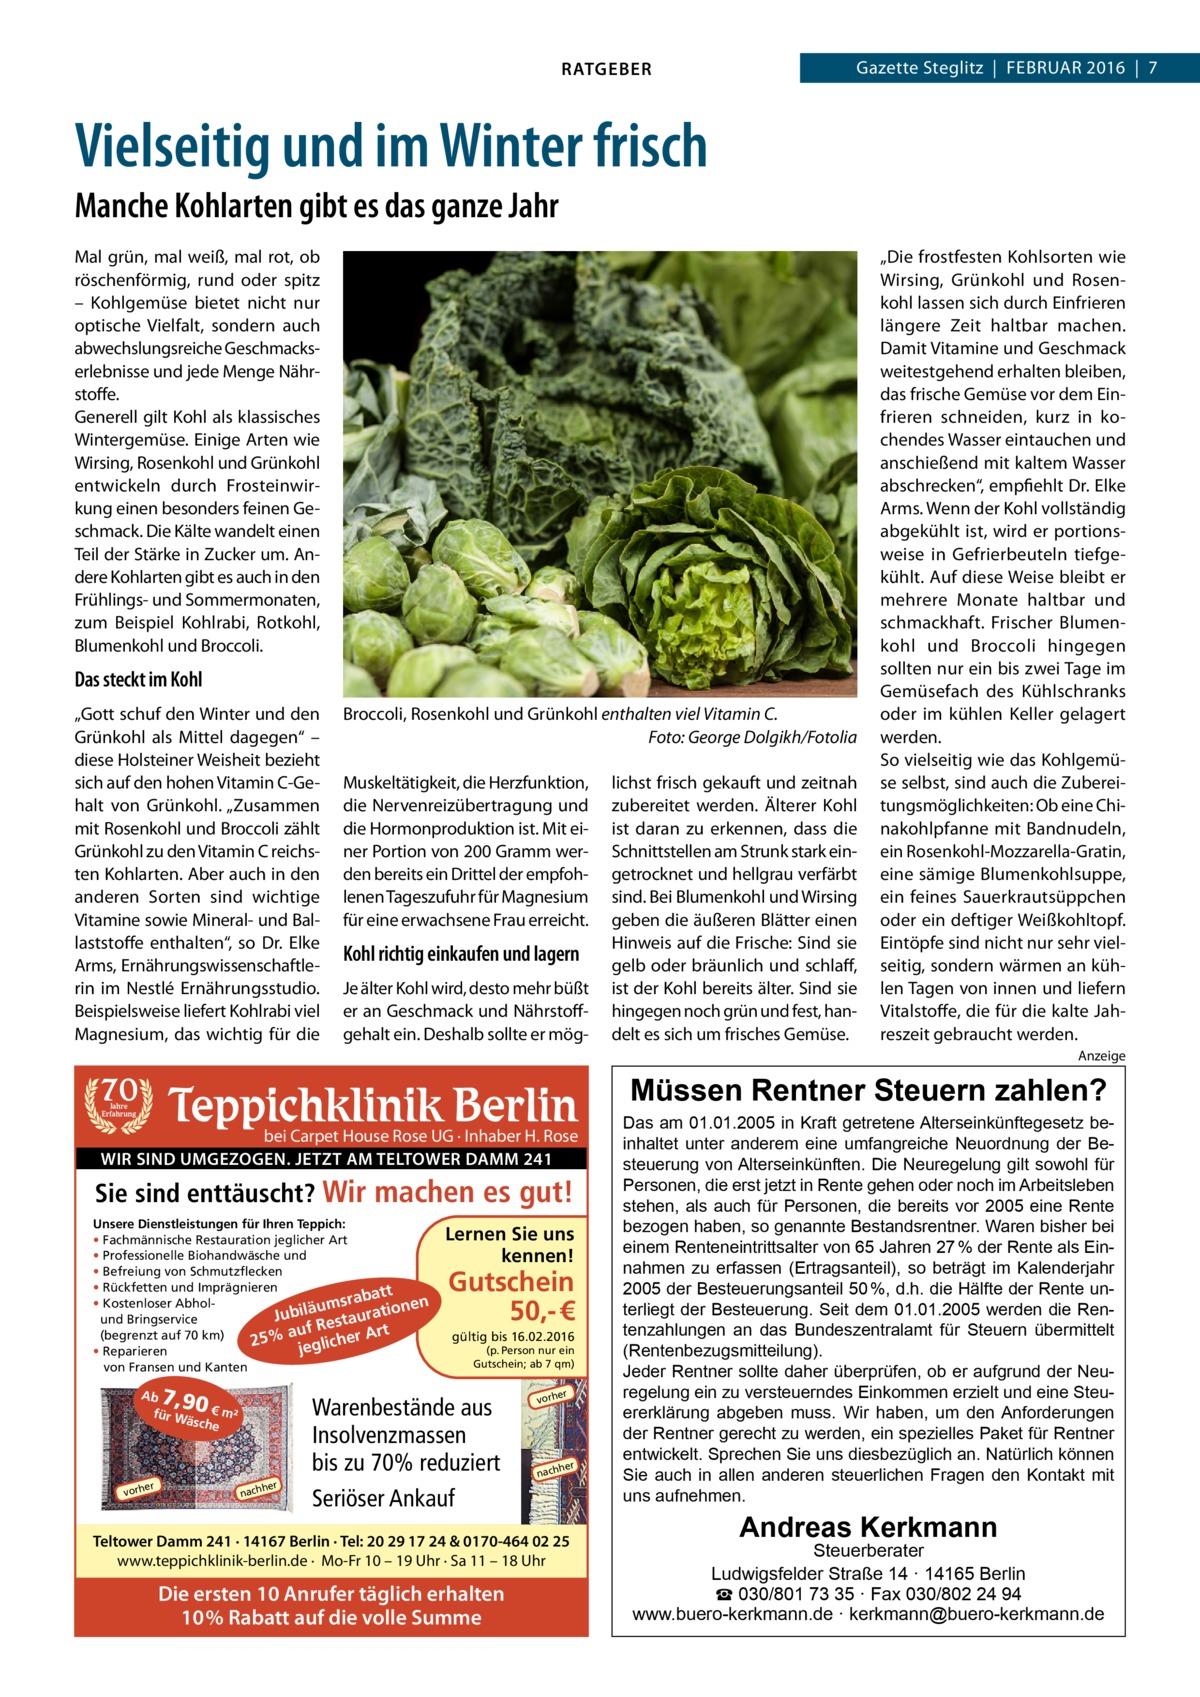 """RATGEBER  Gazette Steglitz Februar 2016 7  Vielseitig und im Winter frisch Manche Kohlarten gibt es das ganze Jahr Mal grün, mal weiß, mal rot, ob röschenförmig, rund oder spitz – Kohlgemüse bietet nicht nur optische Vielfalt, sondern auch abwechslungsreiche Geschmacks erlebnisse und jede Menge Nährstoffe. Generell gilt Kohl als klassisches Wintergemüse. Einige Arten wie Wirsing, Rosenkohl und Grünkohl entwickeln durch Frosteinwirkung einen besonders feinen Geschmack. Die Kälte wandelt einen Teil der Stärke in Zucker um. Andere Kohlarten gibt es auch in den Frühlings- und Sommermonaten, zum Beispiel Kohlrabi, Rotkohl, Blumenkohl und Broccoli.  Das steckt im Kohl """"Gott schuf den Winter und den Grünkohl als Mittel dagegen"""" – diese Holsteiner Weisheit bezieht sich auf den hohen VitaminC-Gehalt von Grünkohl. """"Zusammen mit Rosenkohl und Broccoli zählt Grünkohl zu den VitaminC reichsten Kohlarten. Aber auch in den anderen Sorten sind wichtige Vitamine sowie Mineral- und Ballaststoffe enthalten"""", so Dr. Elke Arms, Ernährungswissenschaftlerin im Nestlé Ernährungsstudio. Beispielsweise liefert Kohlrabi viel Magnesium, das wichtig für die  Broccoli, Rosenkohl und Grünkohl enthalten viel VitaminC. � Foto: George Dolgikh/Fotolia Muskeltätigkeit, die Herzfunktion, die Nervenreizübertragung und die Hormonproduktion ist. Mit einer Portion von 200Gramm werden bereits ein Drittel der empfohlenen Tageszufuhr für Magnesium für eine erwachsene Frau erreicht.  Kohl richtig einkaufen und lagern Je älter Kohl wird, desto mehr büßt er an Geschmack und Nährstoffgehalt ein. Deshalb sollte er mög lichst frisch gekauft und zeitnah zubereitet werden. Älterer Kohl ist daran zu erkennen, dass die Schnittstellen am Strunk stark eingetrocknet und hellgrau verfärbt sind. Bei Blumenkohl und Wirsing geben die äußeren Blätter einen Hinweis auf die Frische: Sind sie gelb oder bräunlich und schlaff, ist der Kohl bereits älter. Sind sie hingegen noch grün und fest, handelt es sich um frisches Gemüse.  """"Di"""